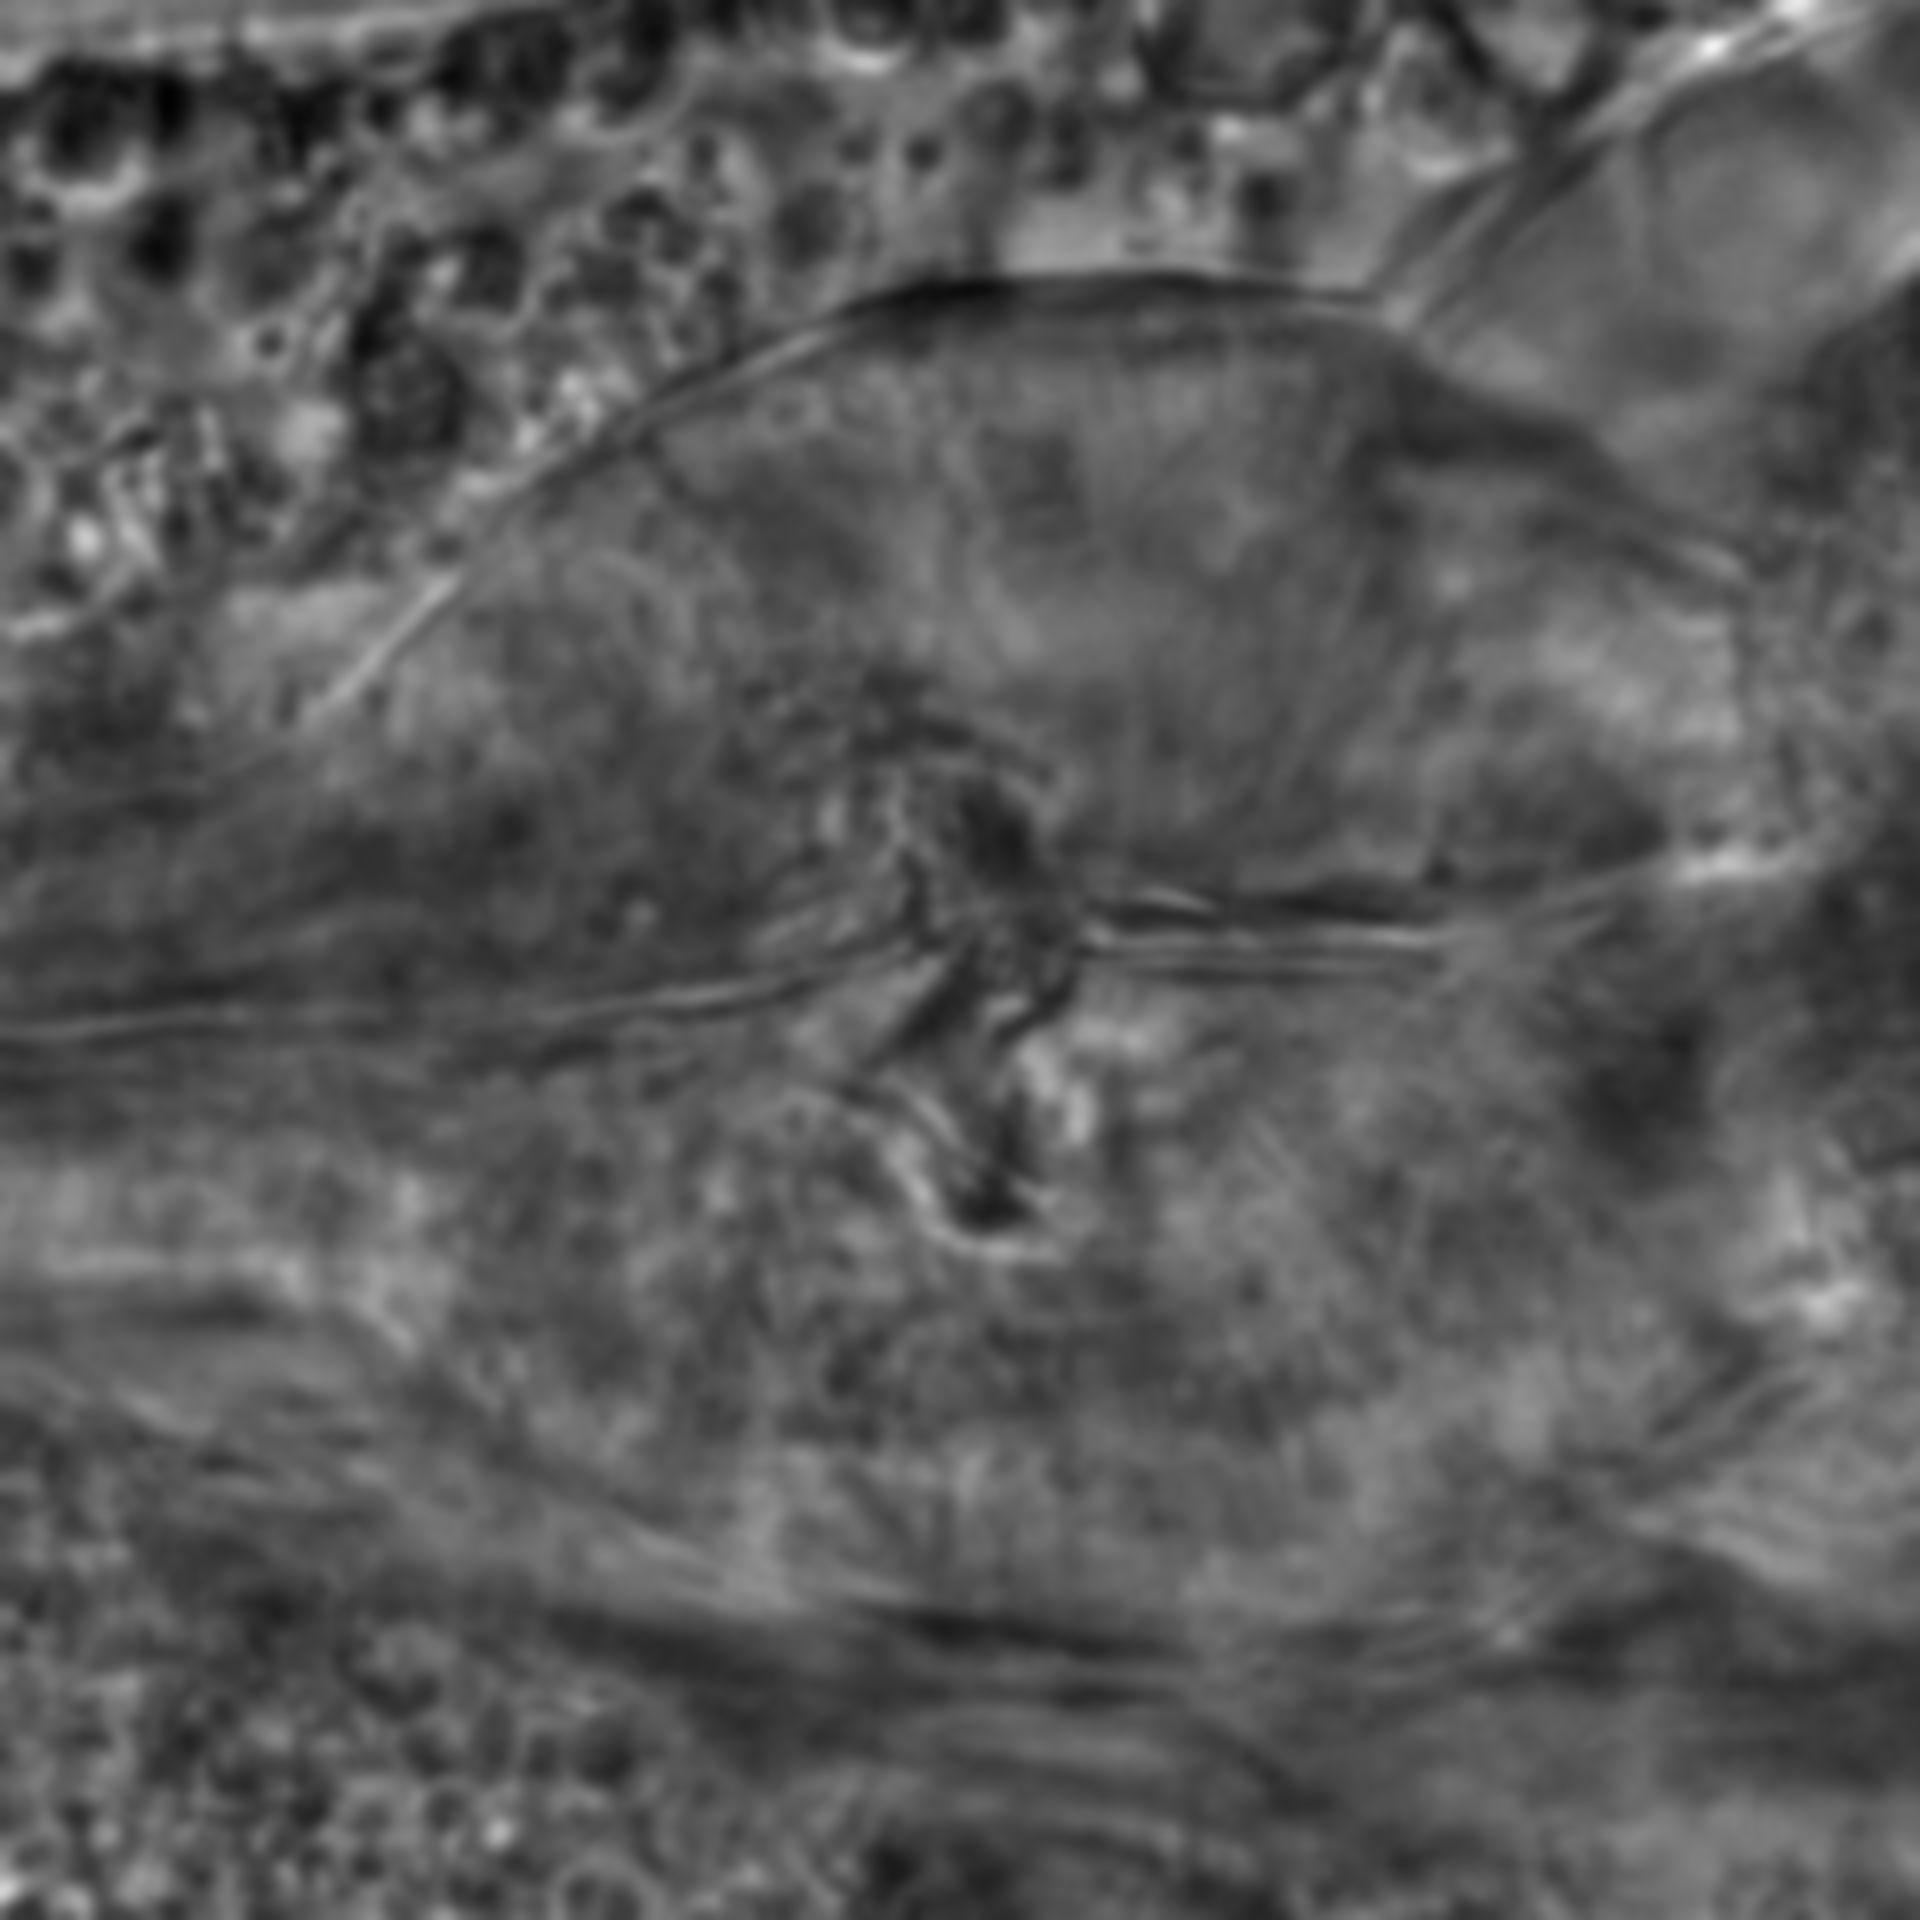 Caenorhabditis elegans - CIL:2022